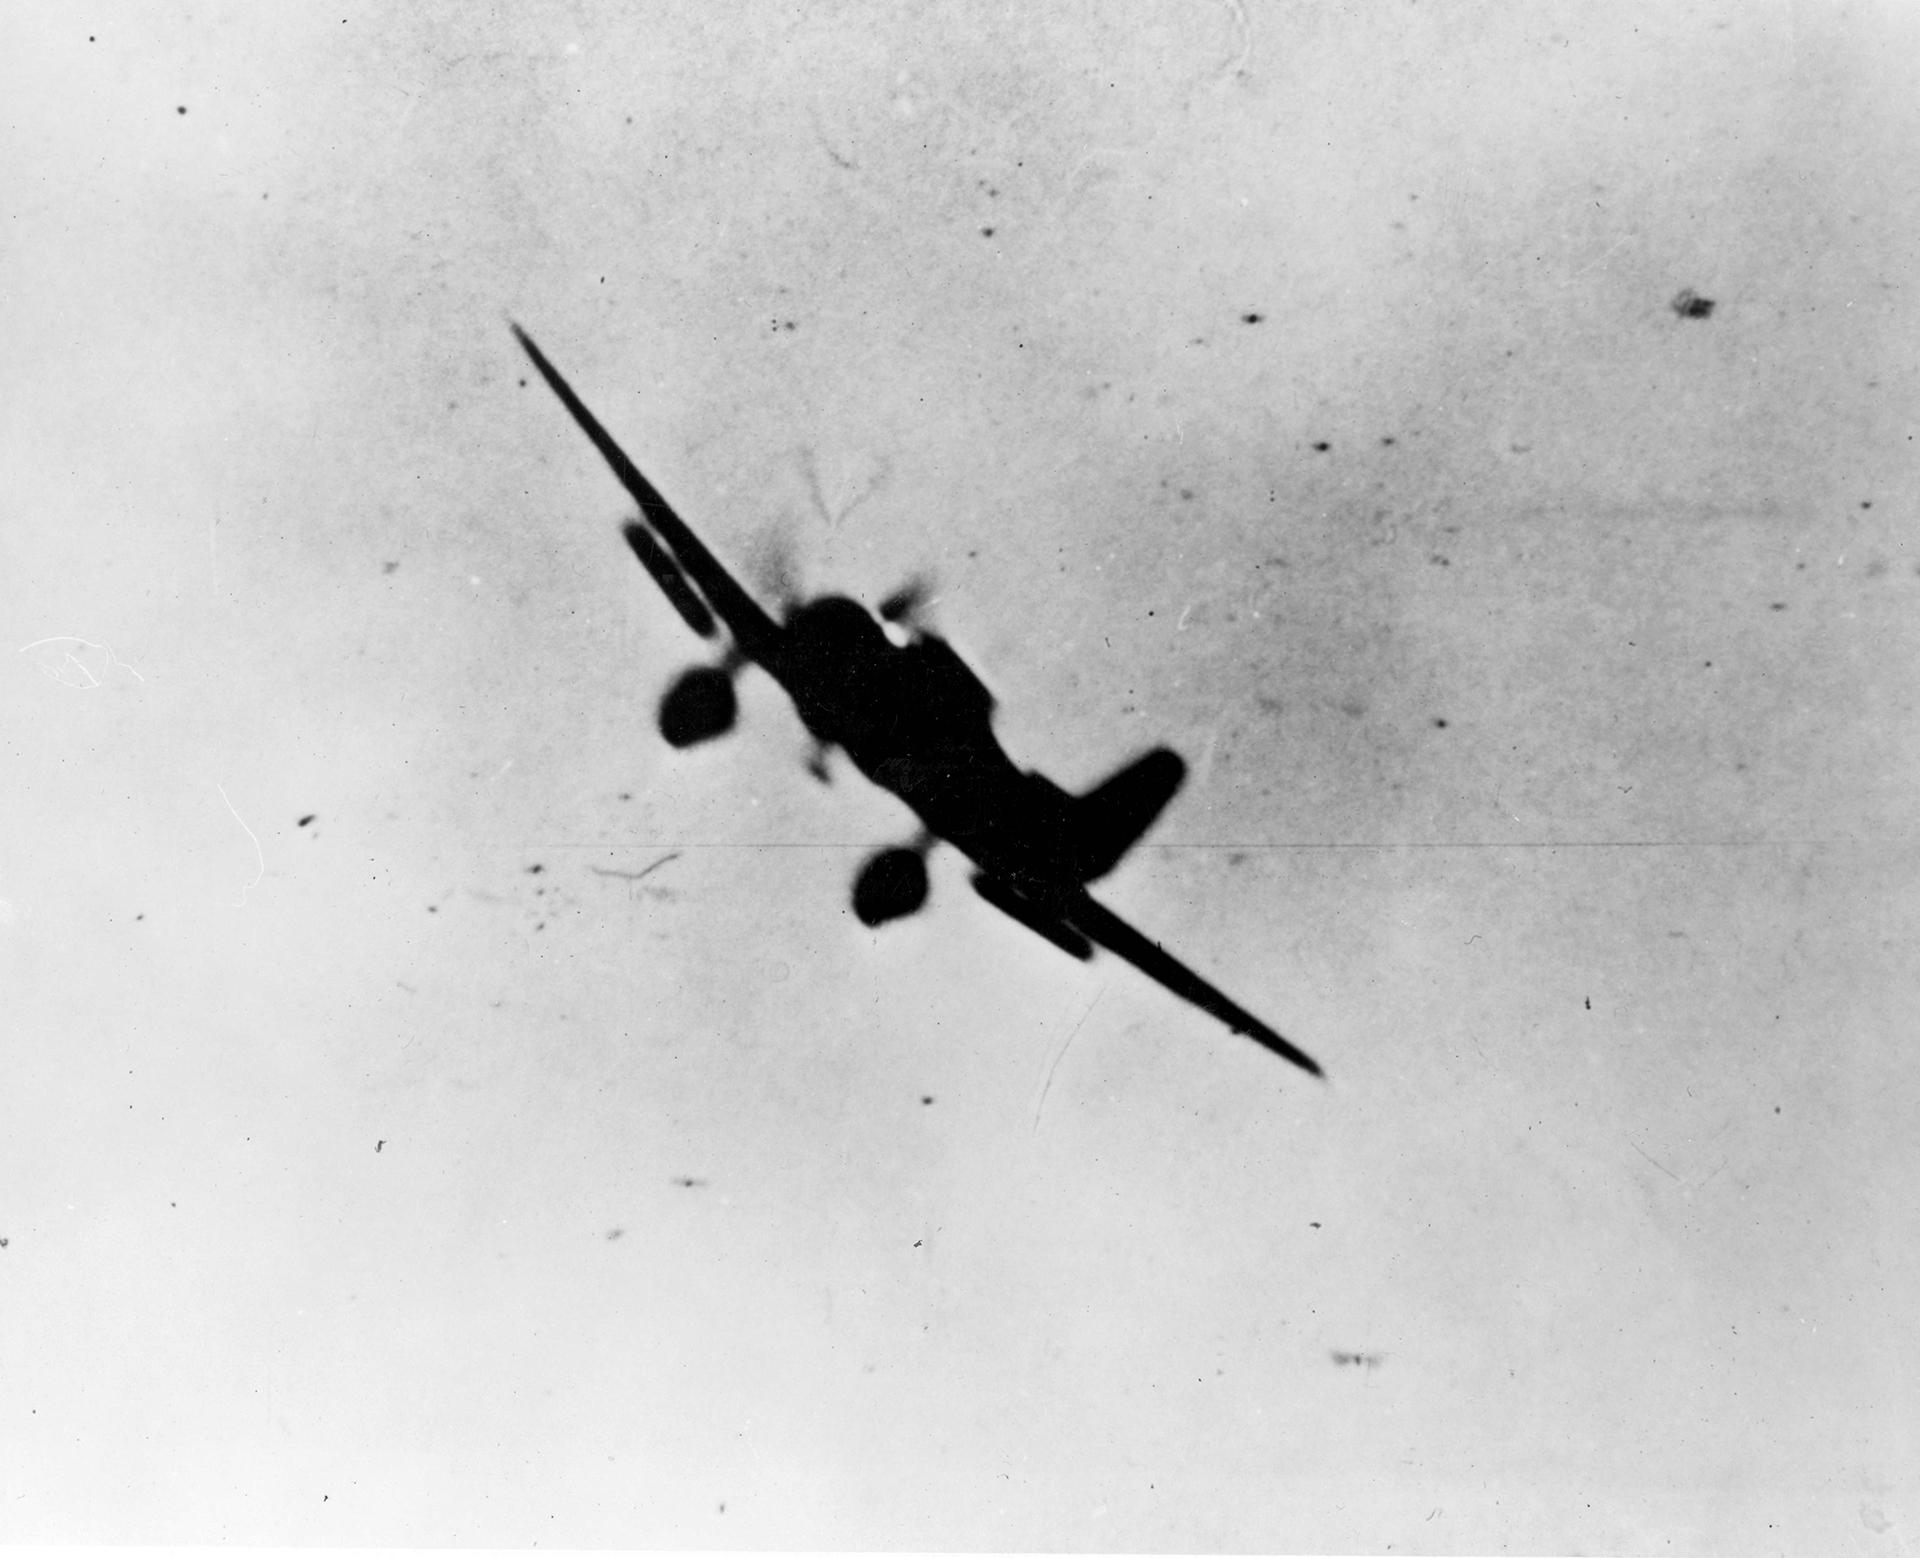 """Un bombrardero japonés Tipo 99 """"Val"""" en acción contra Pearl Harbor"""